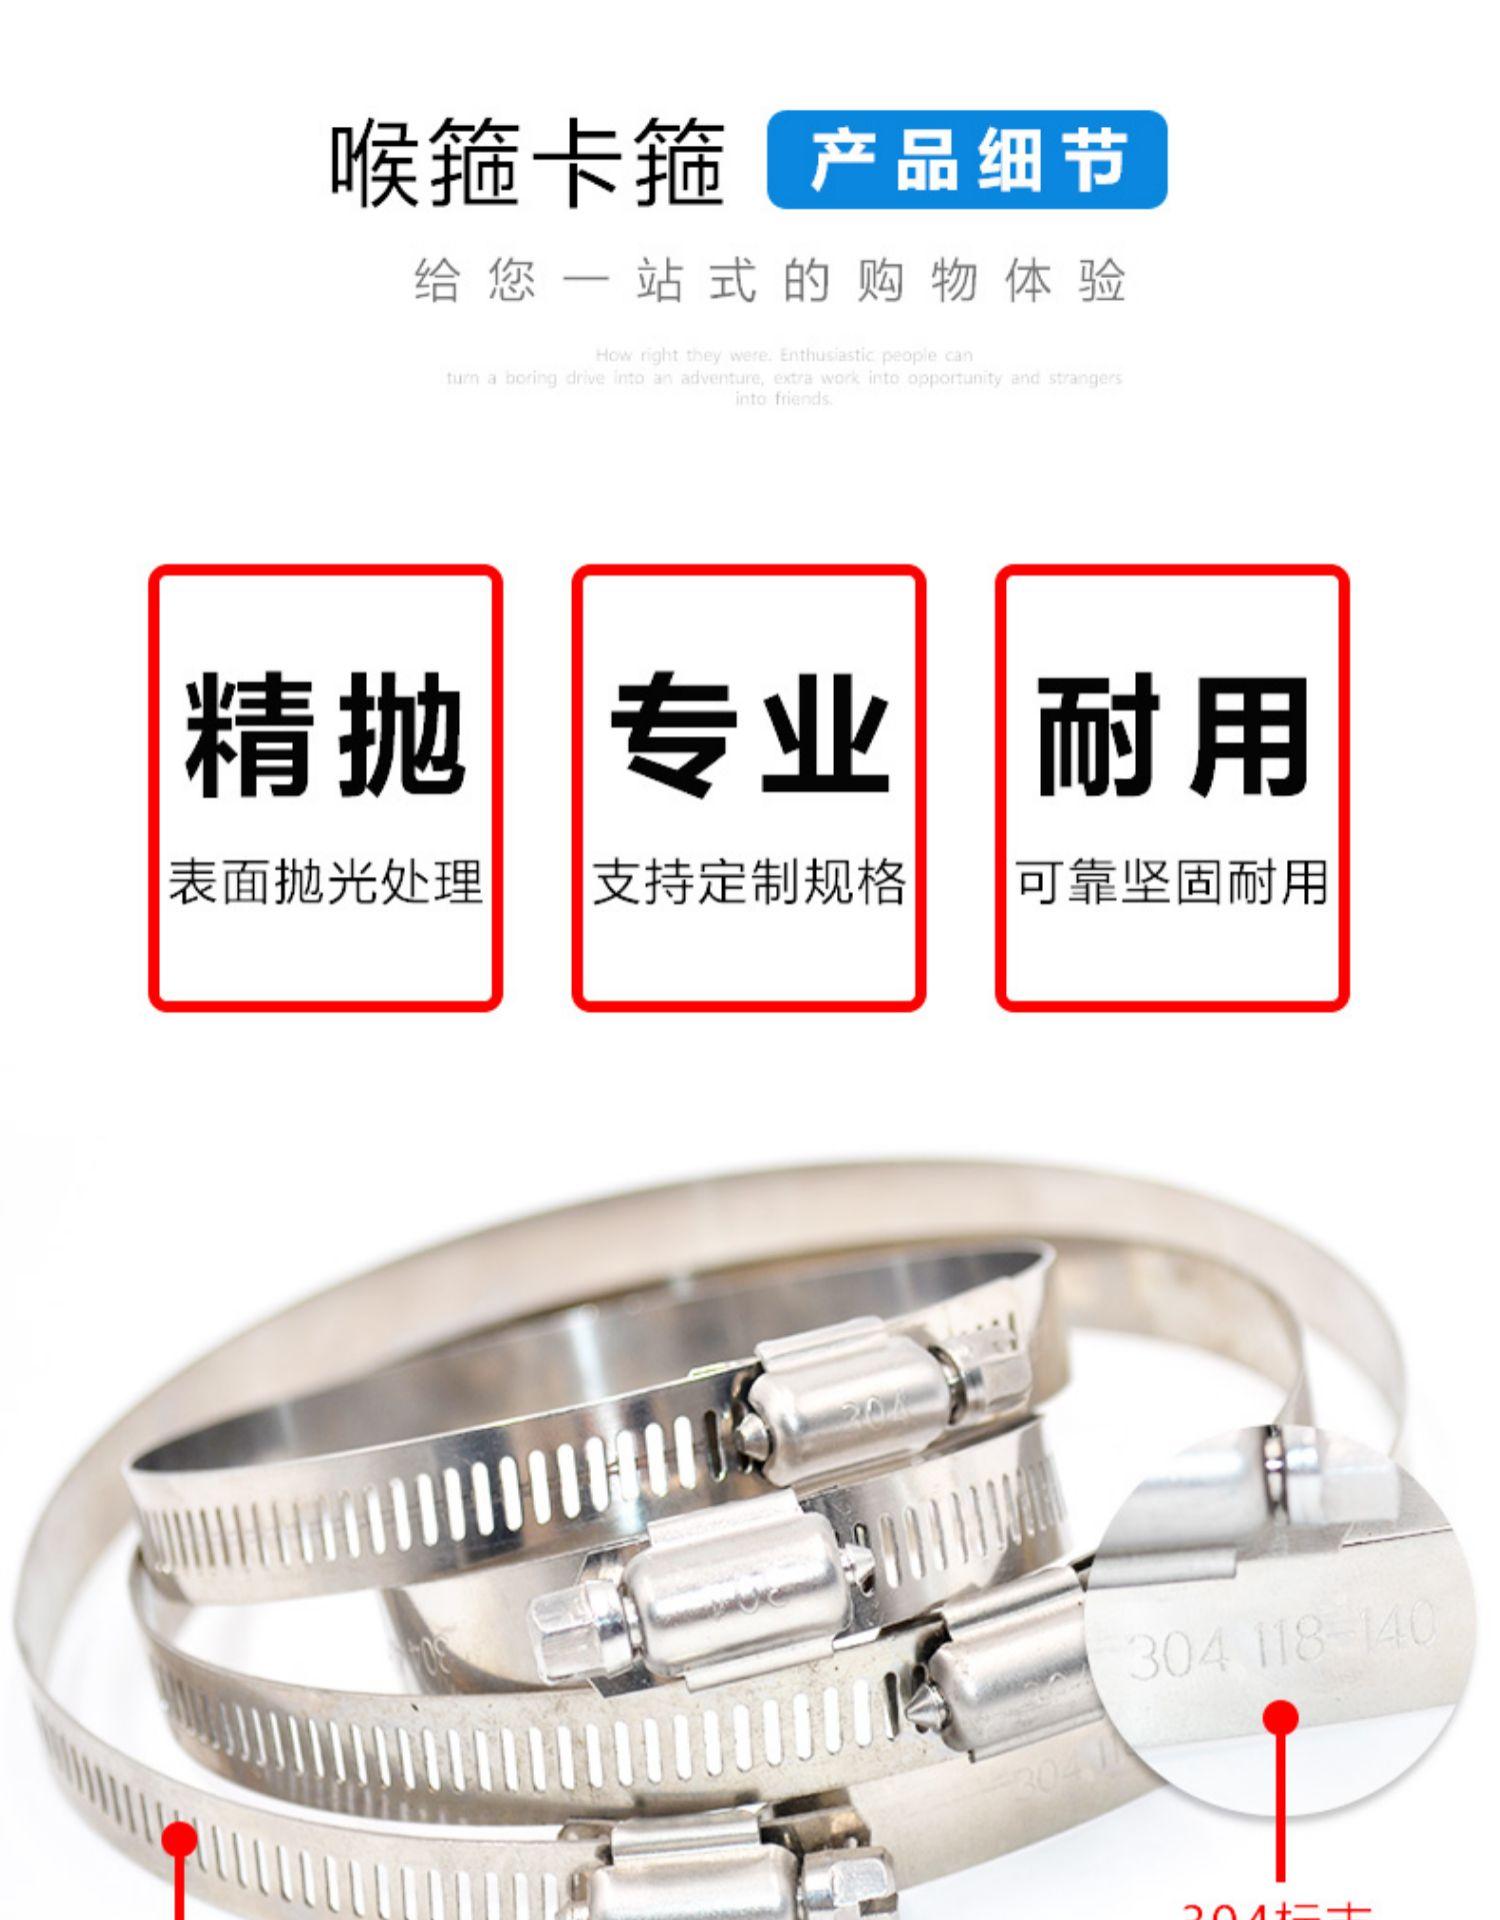 管箍不锈钢管卡喉箍水管固定电线桿紧固抱箍箍圈卡箍管夹万能详细照片